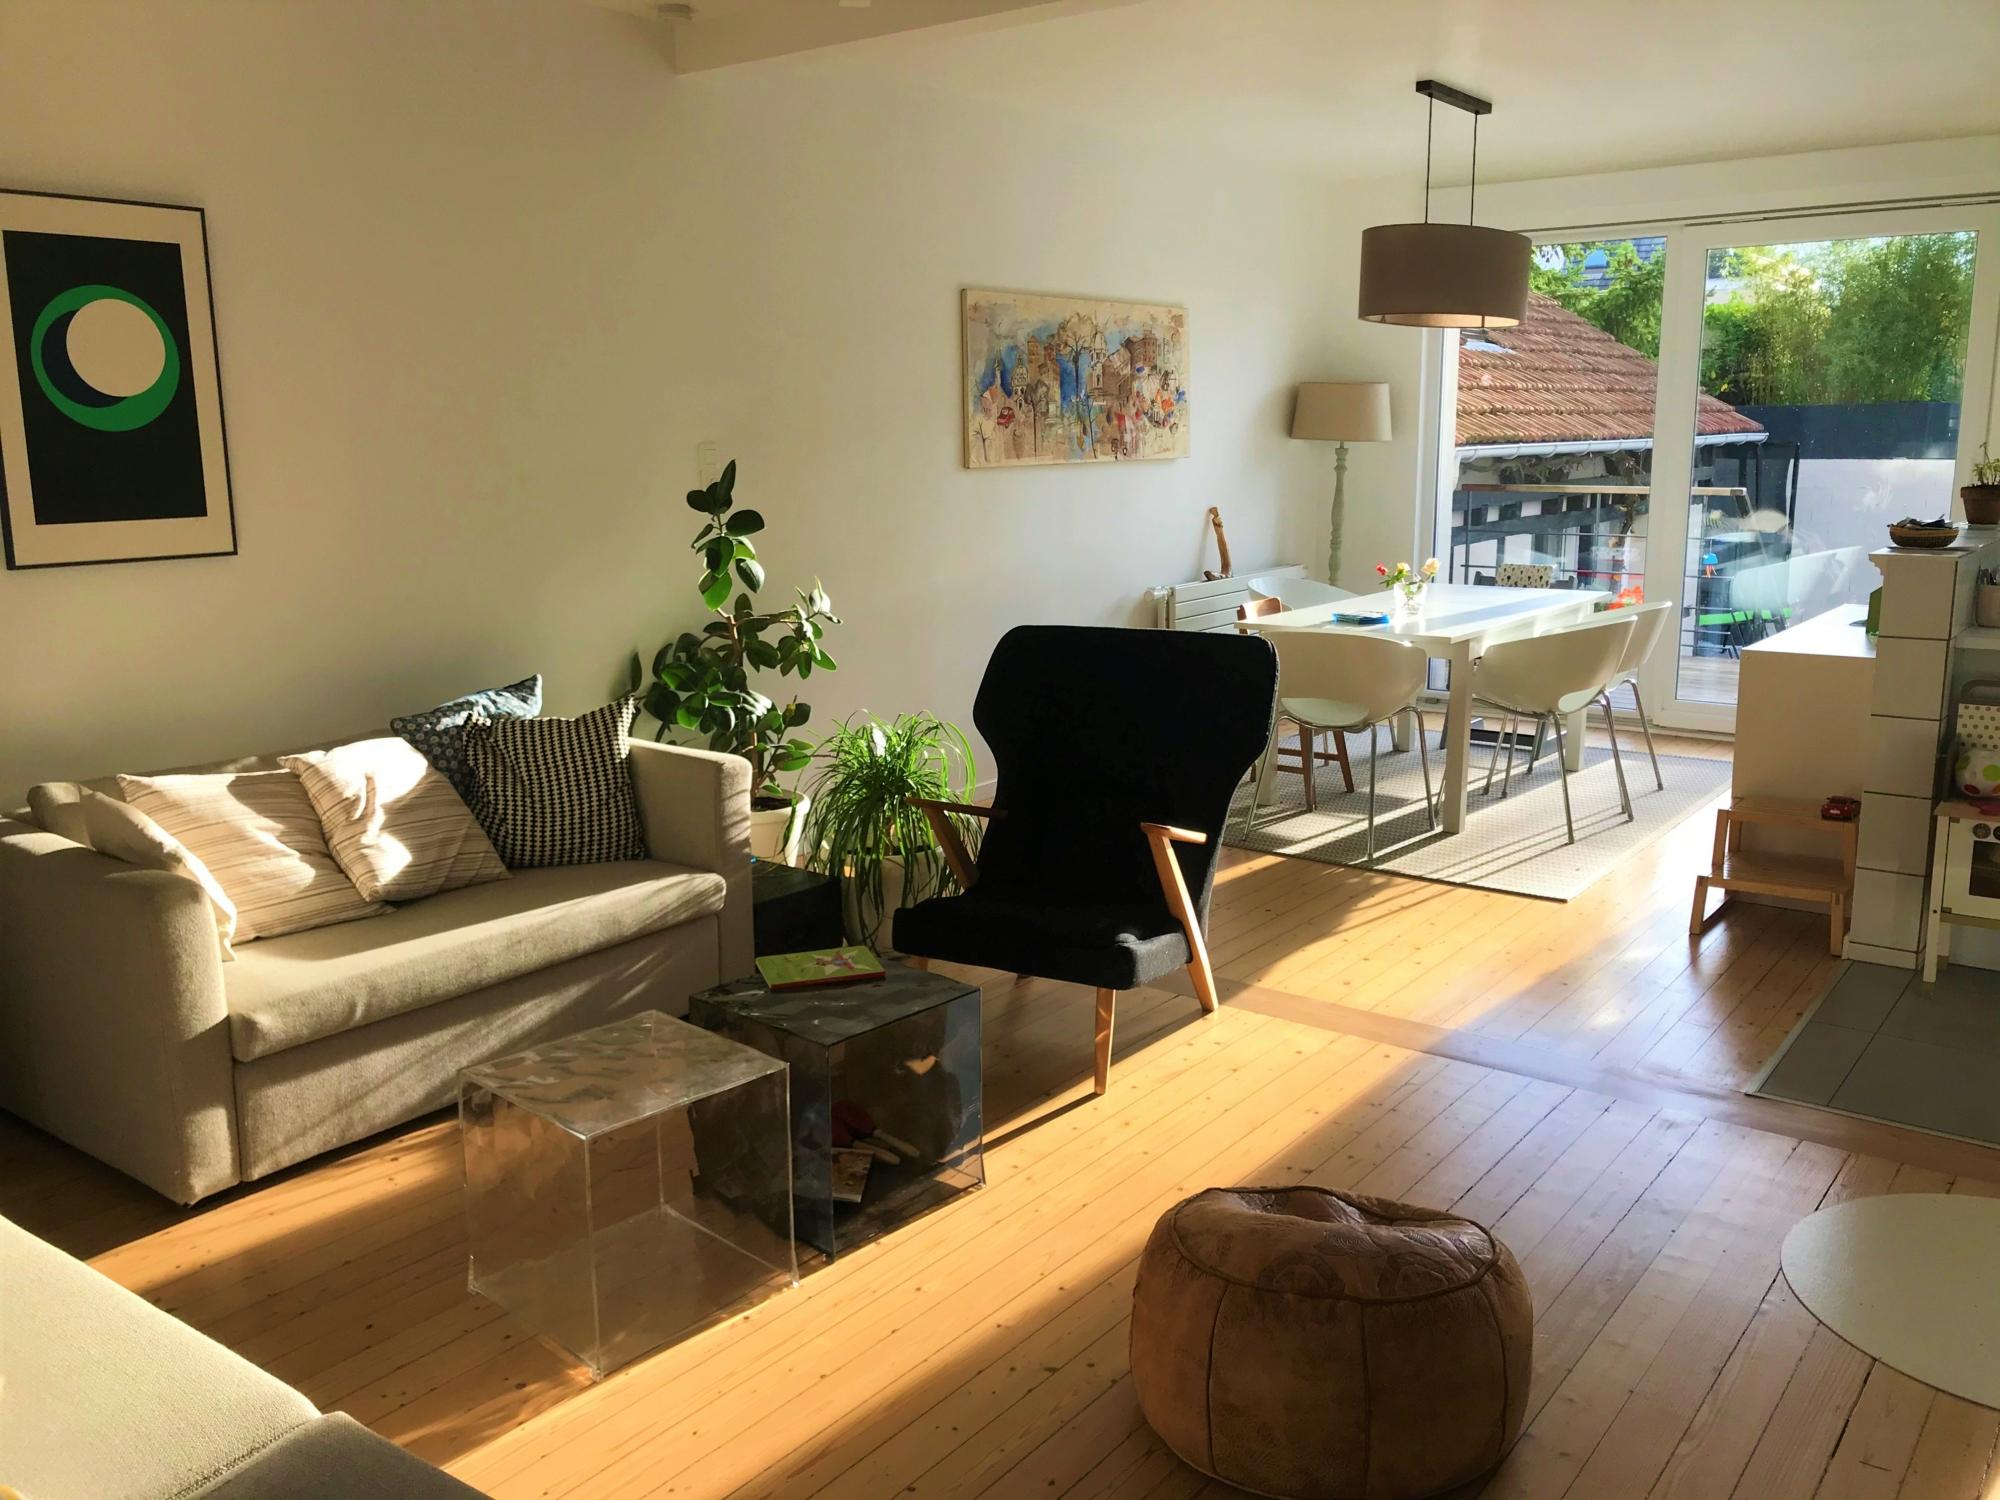 [Pool] Maison 6 pièces meublée avec piscine et jardin / Illkirch - Route de Lyon - nos locations - Beausite Immobilier 2